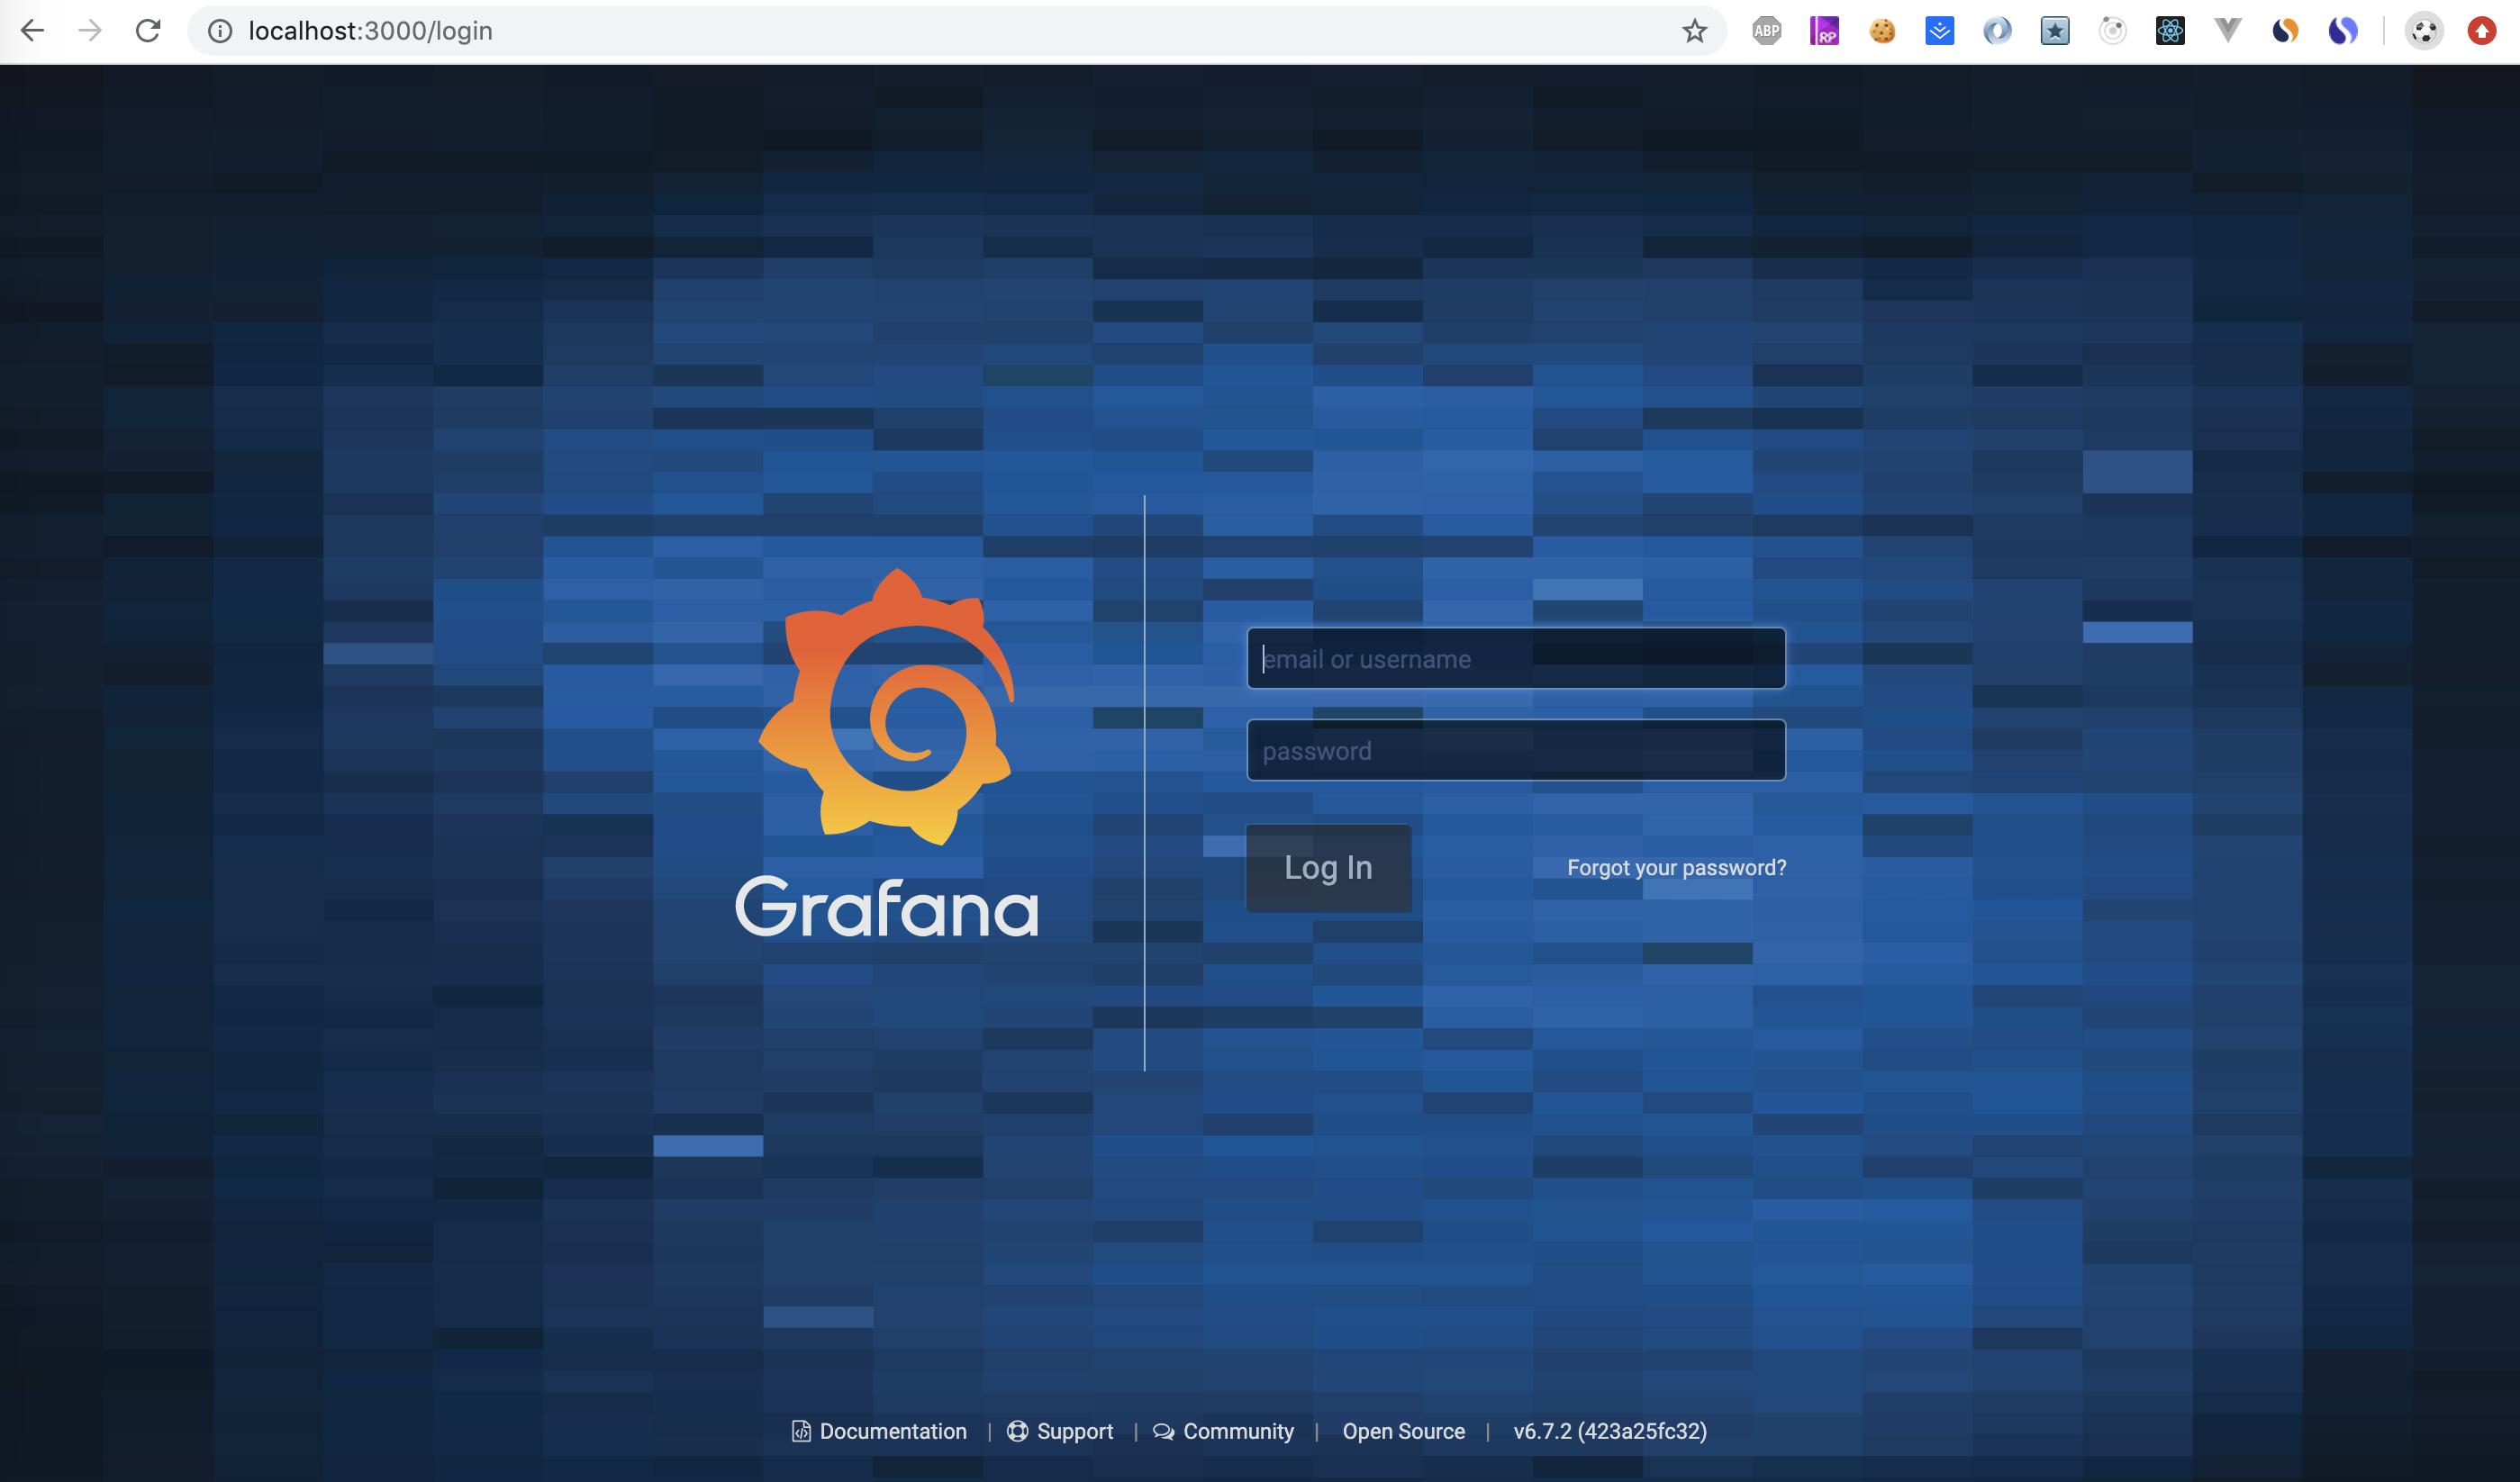 grafana 首次打开